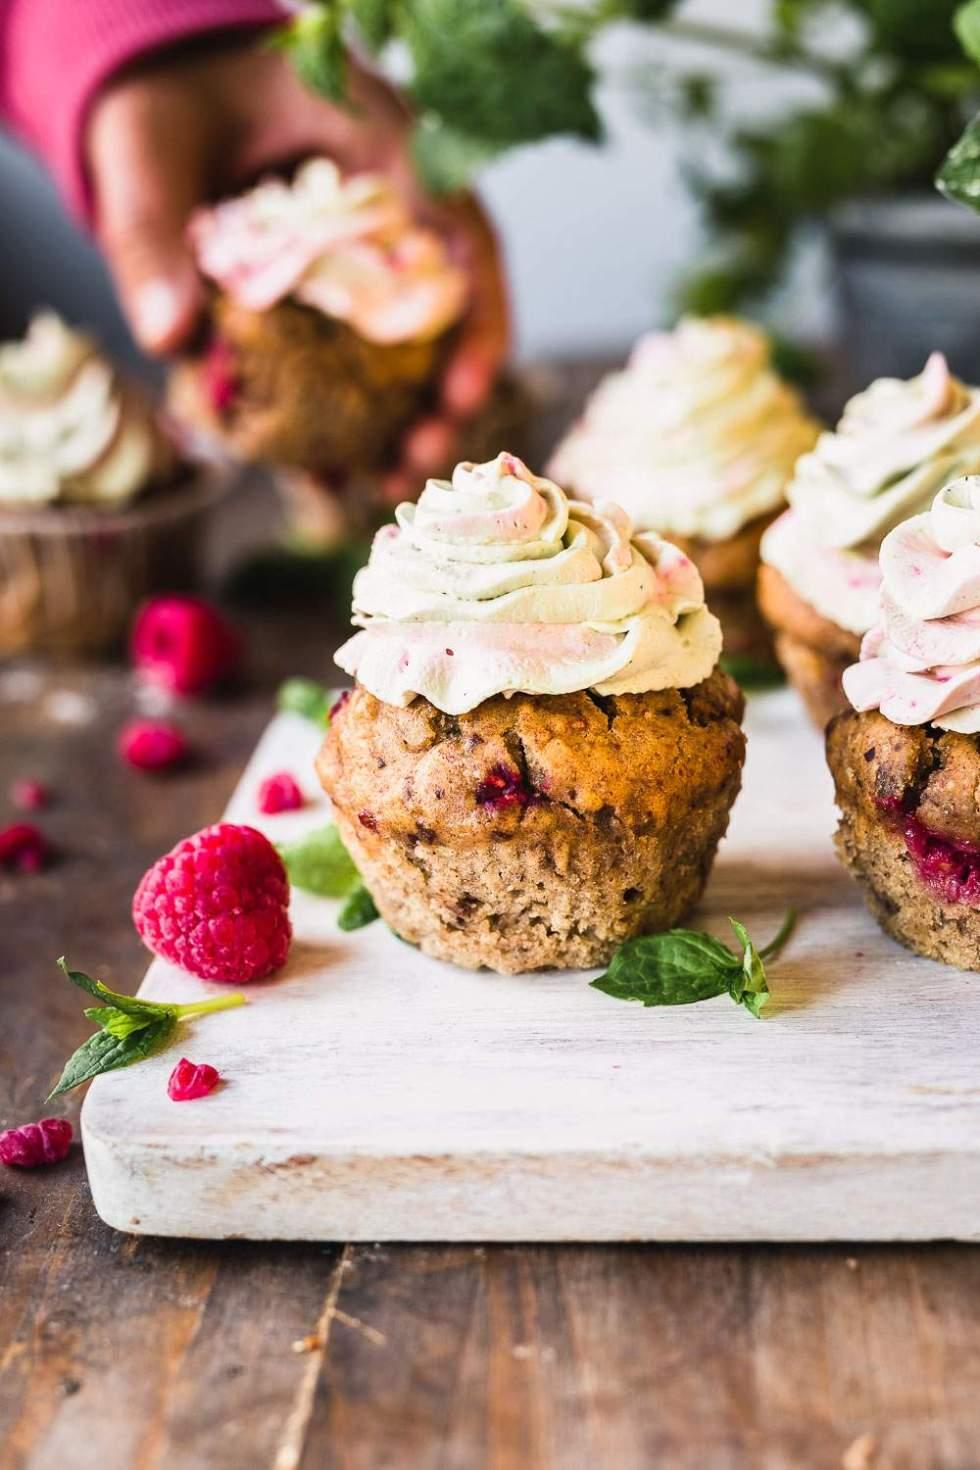 Date-sweetened vegan kombucha muffins